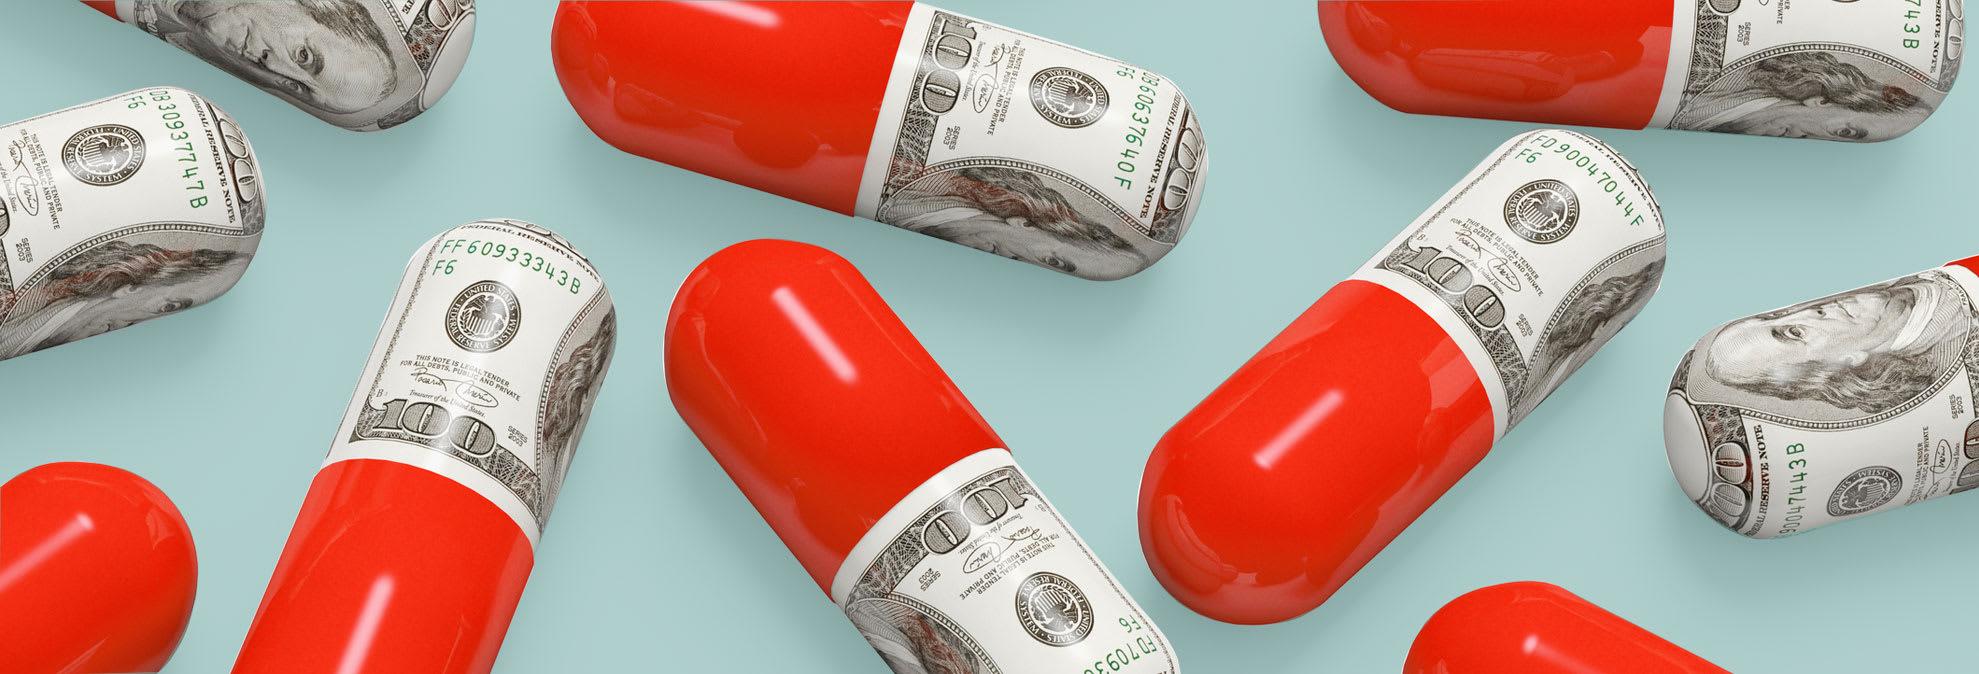 Myke ⁓ Top Ten Can You Take Prescription Drugs On